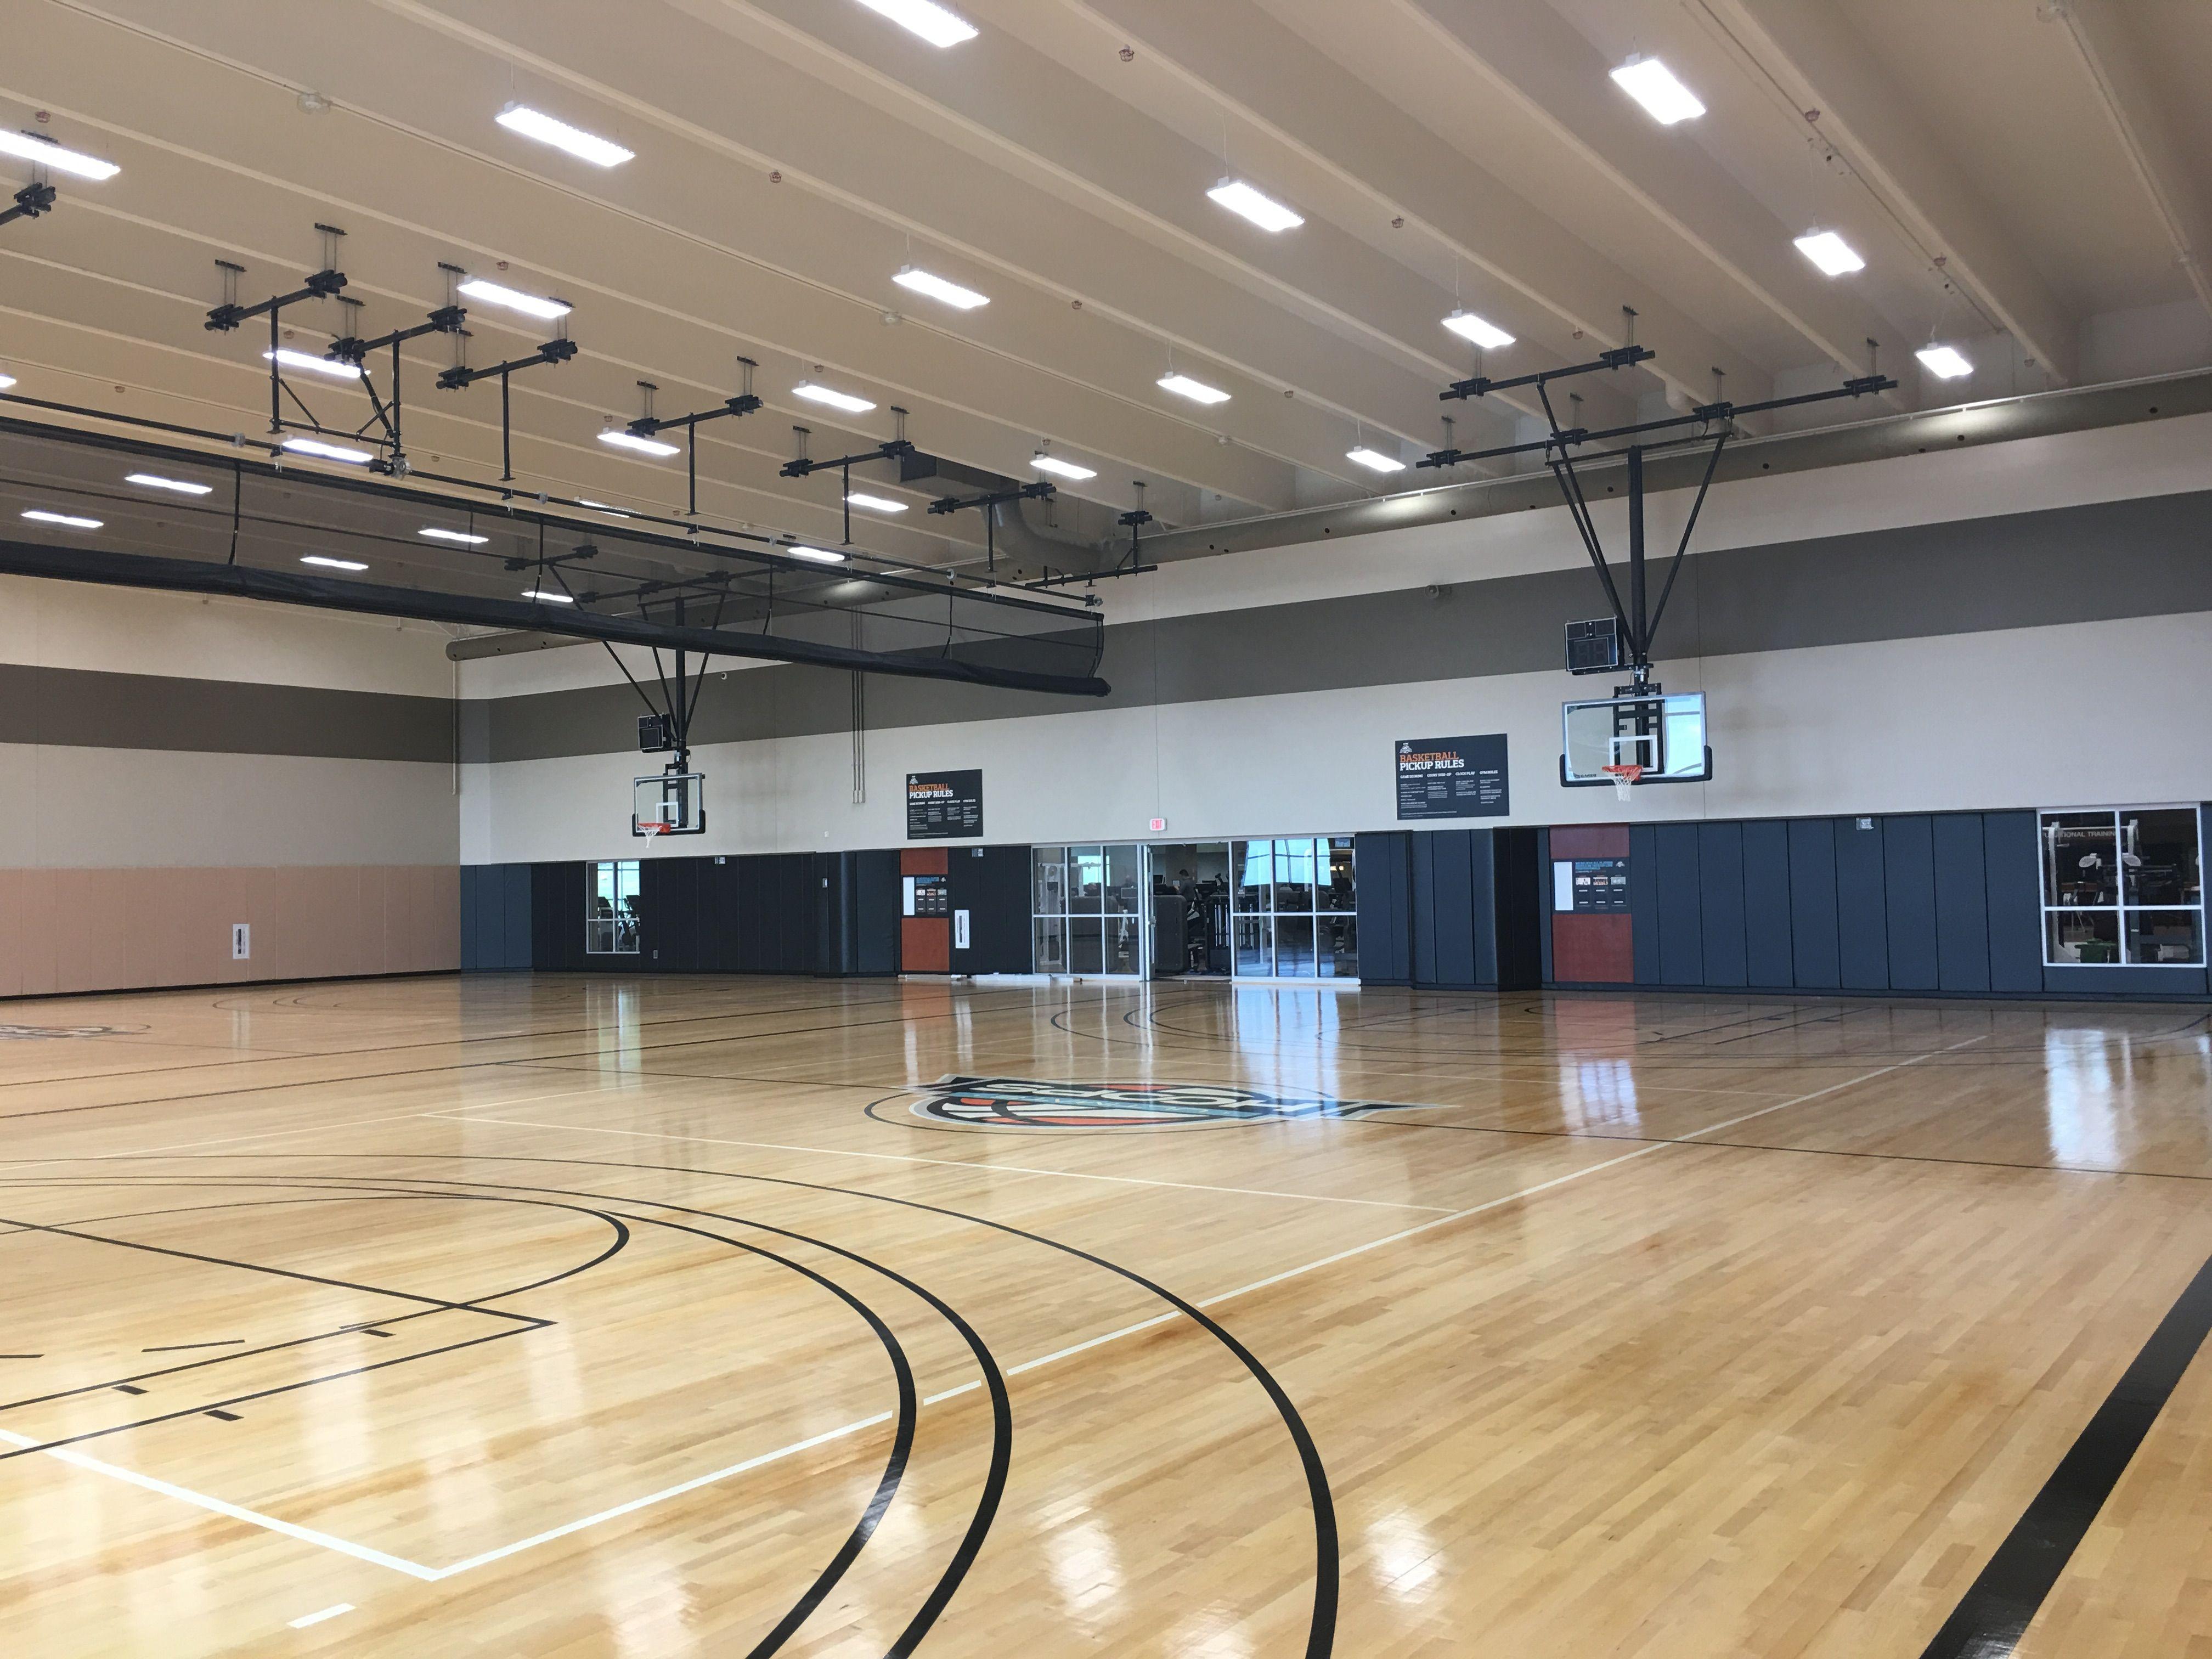 Emanuelson Podas Fitness Center Design Gym At A Life Time Fitness Facility Mortarr Commercialdesign F Lifetime Fitness Fitness Center Design Indoor Spa